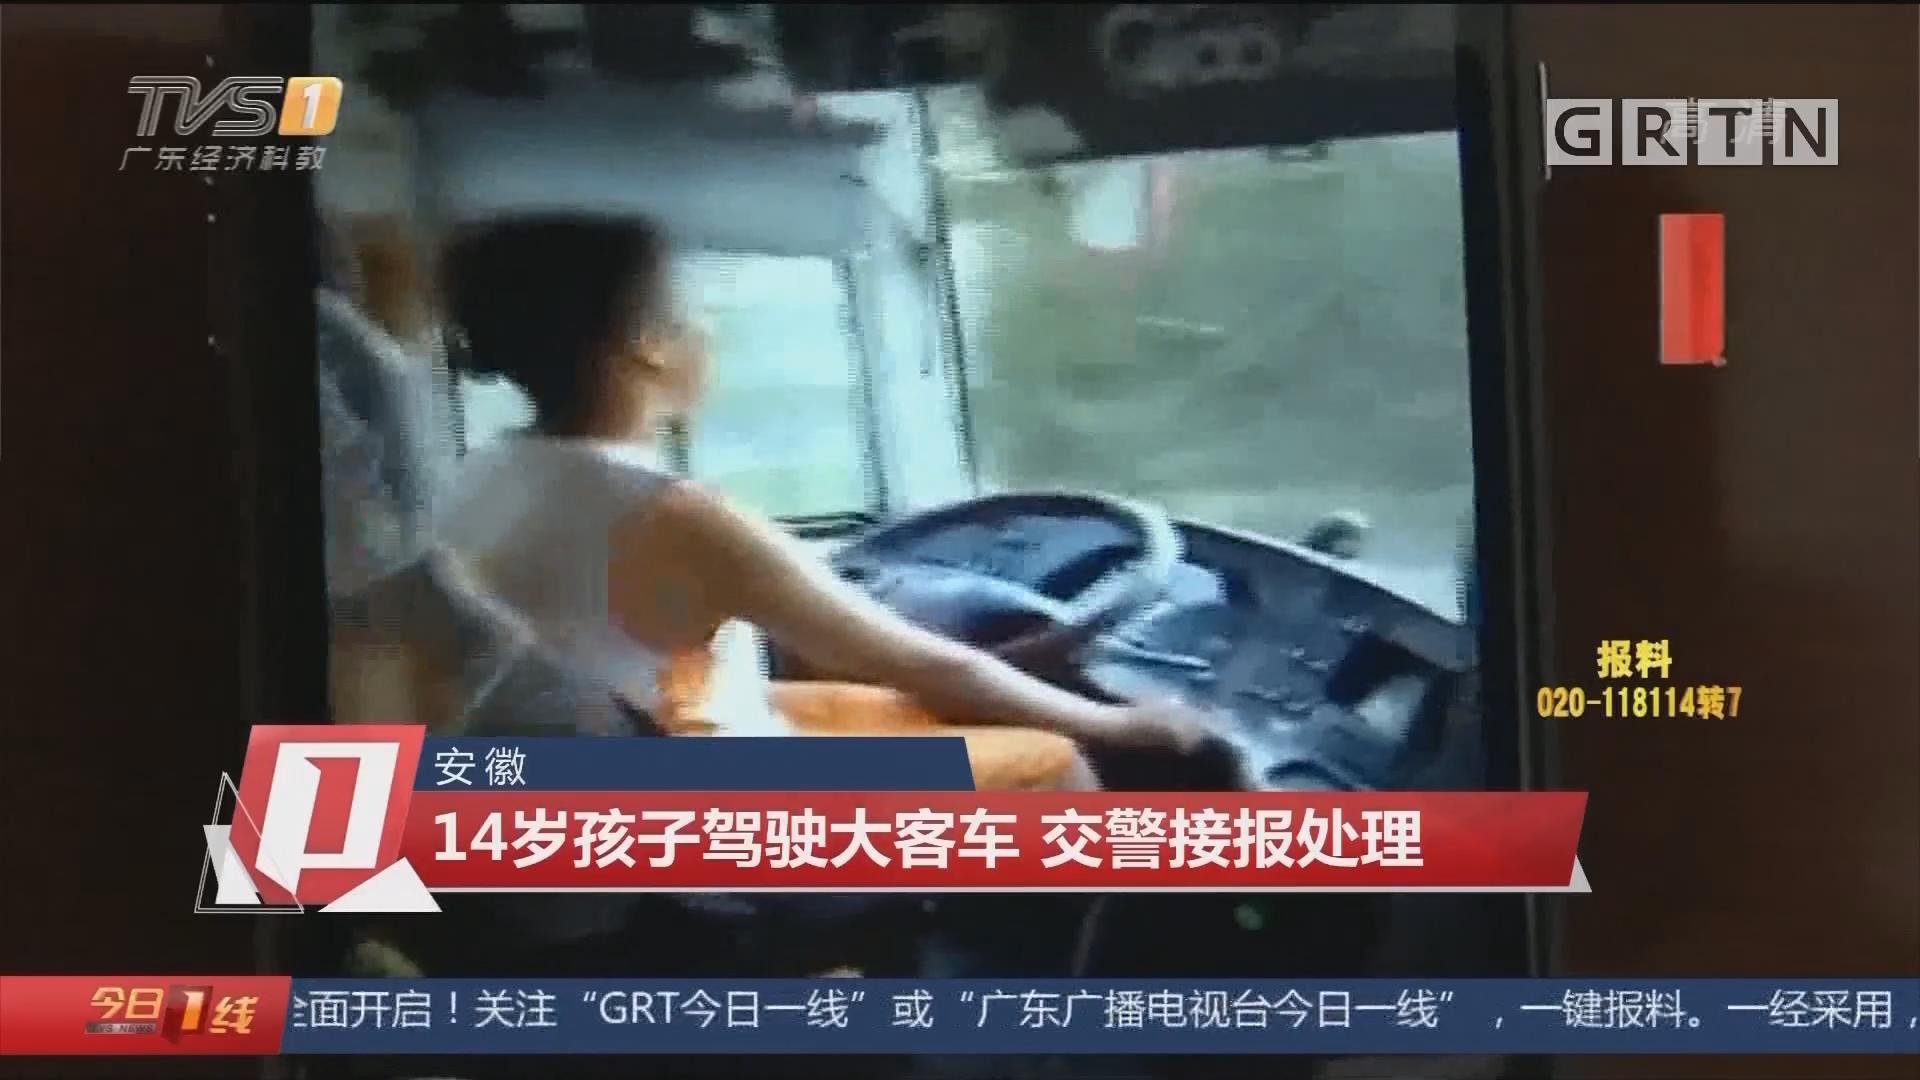 安徽:14岁孩子驾驶大客车 交警接报处理